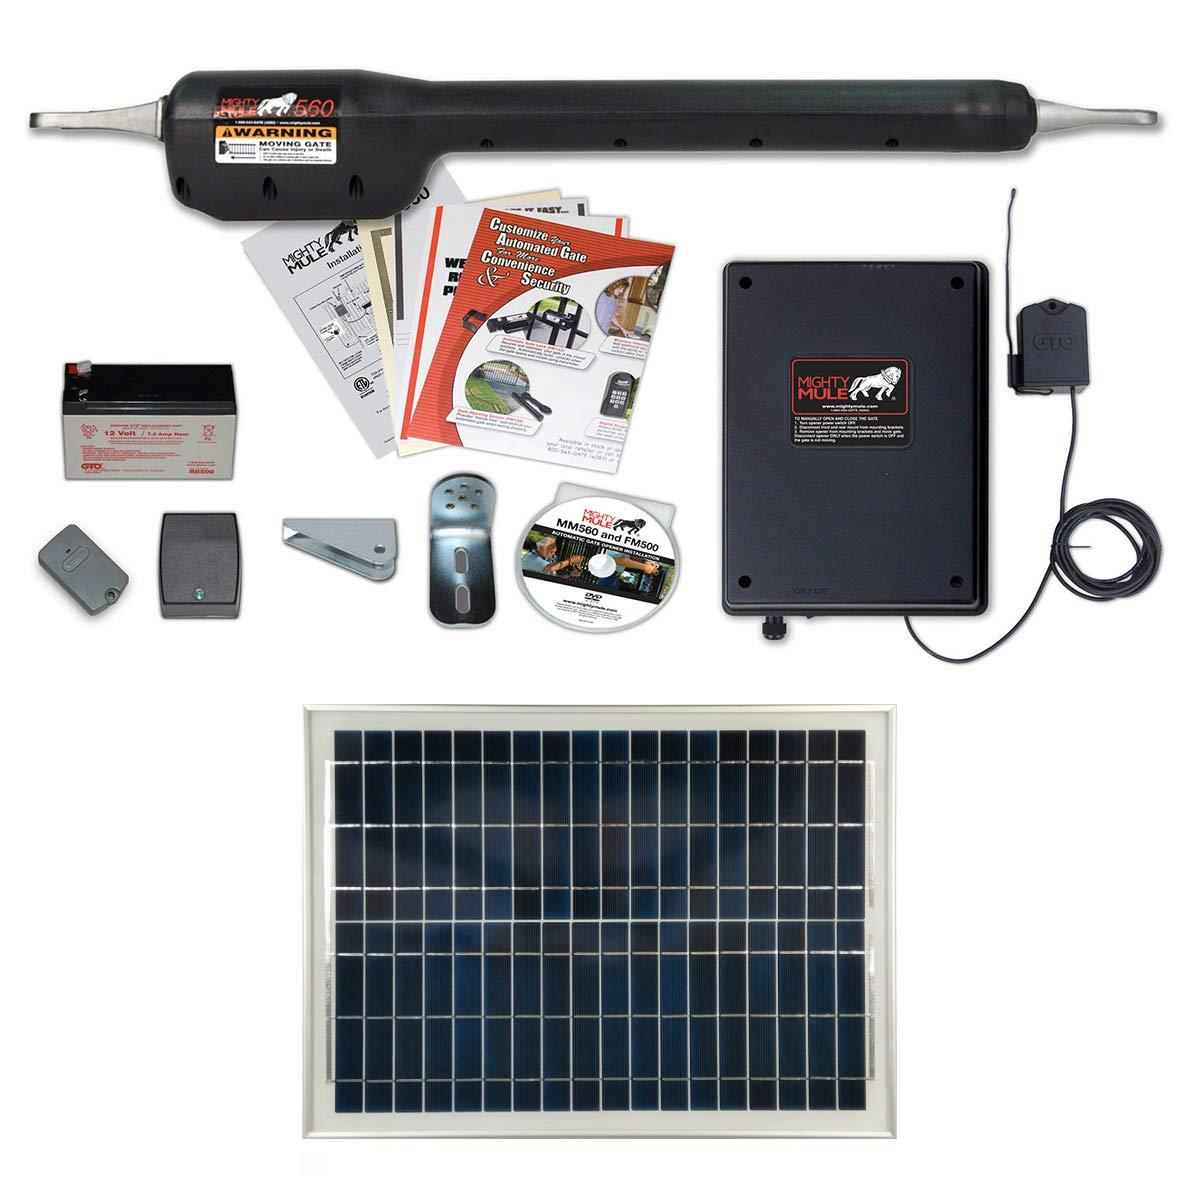 Mighty Mule MM560 Solar Package - Heavy Duty Single Gate Opener w/ 20 Watt Solar Panel